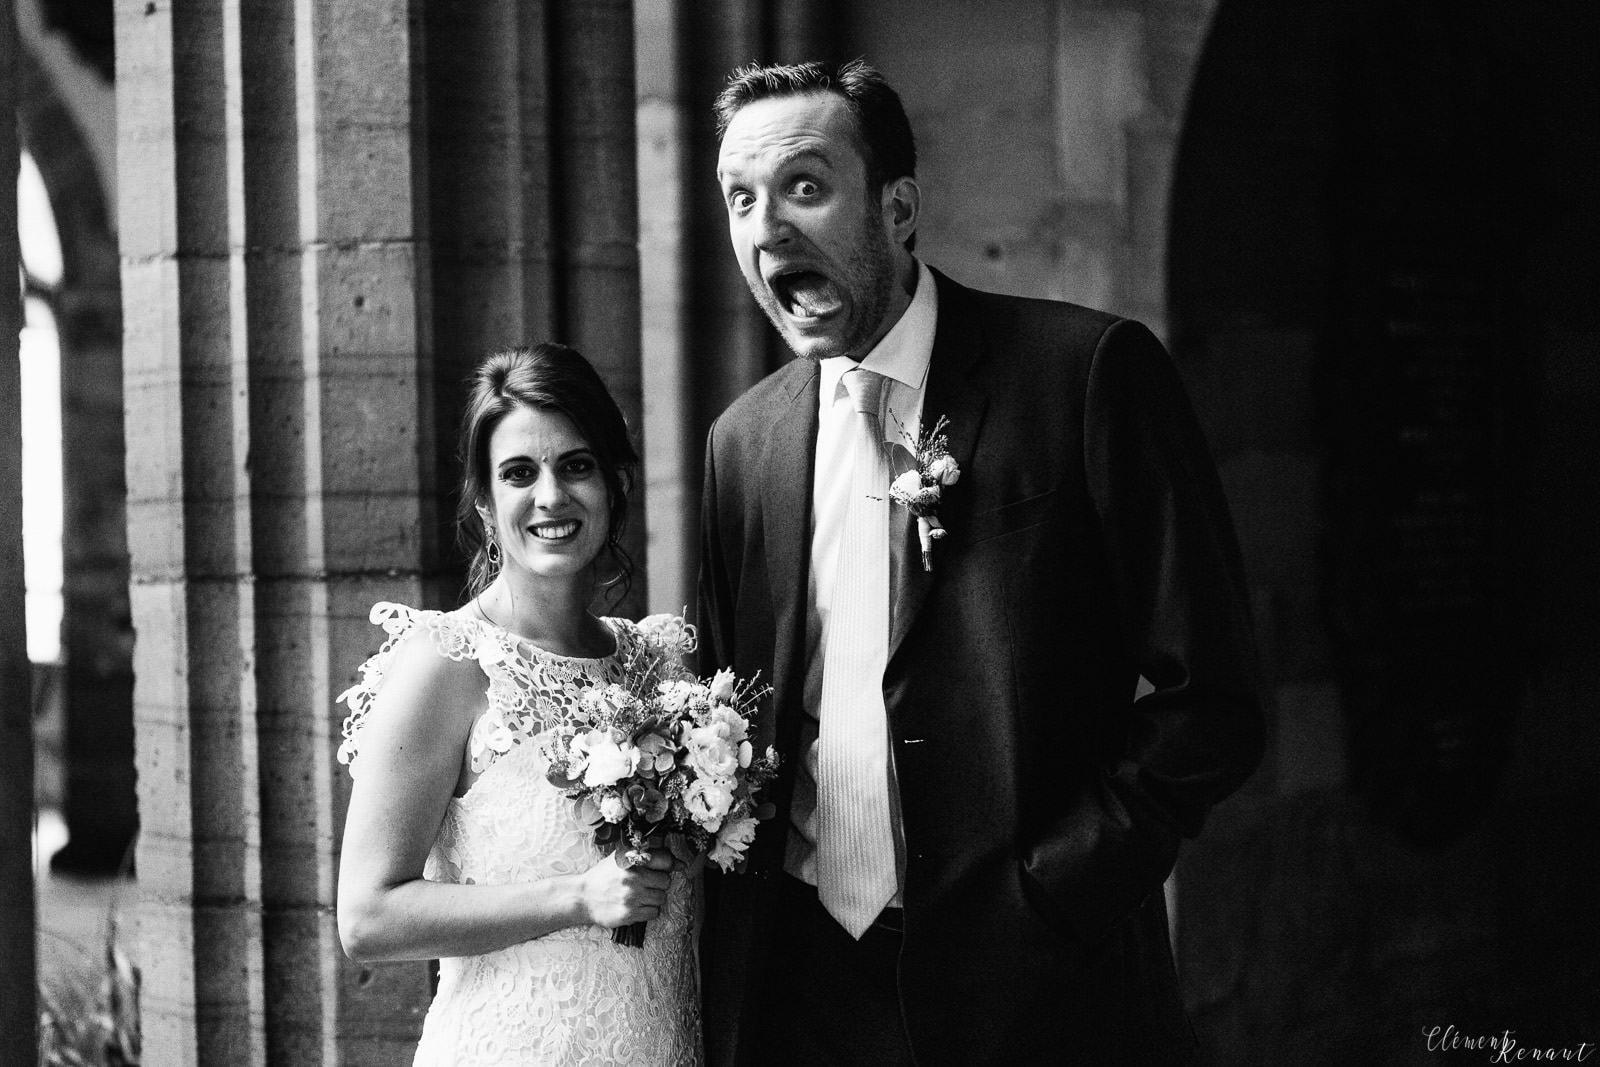 Mariage-bouquet-calin-inbetween-moment